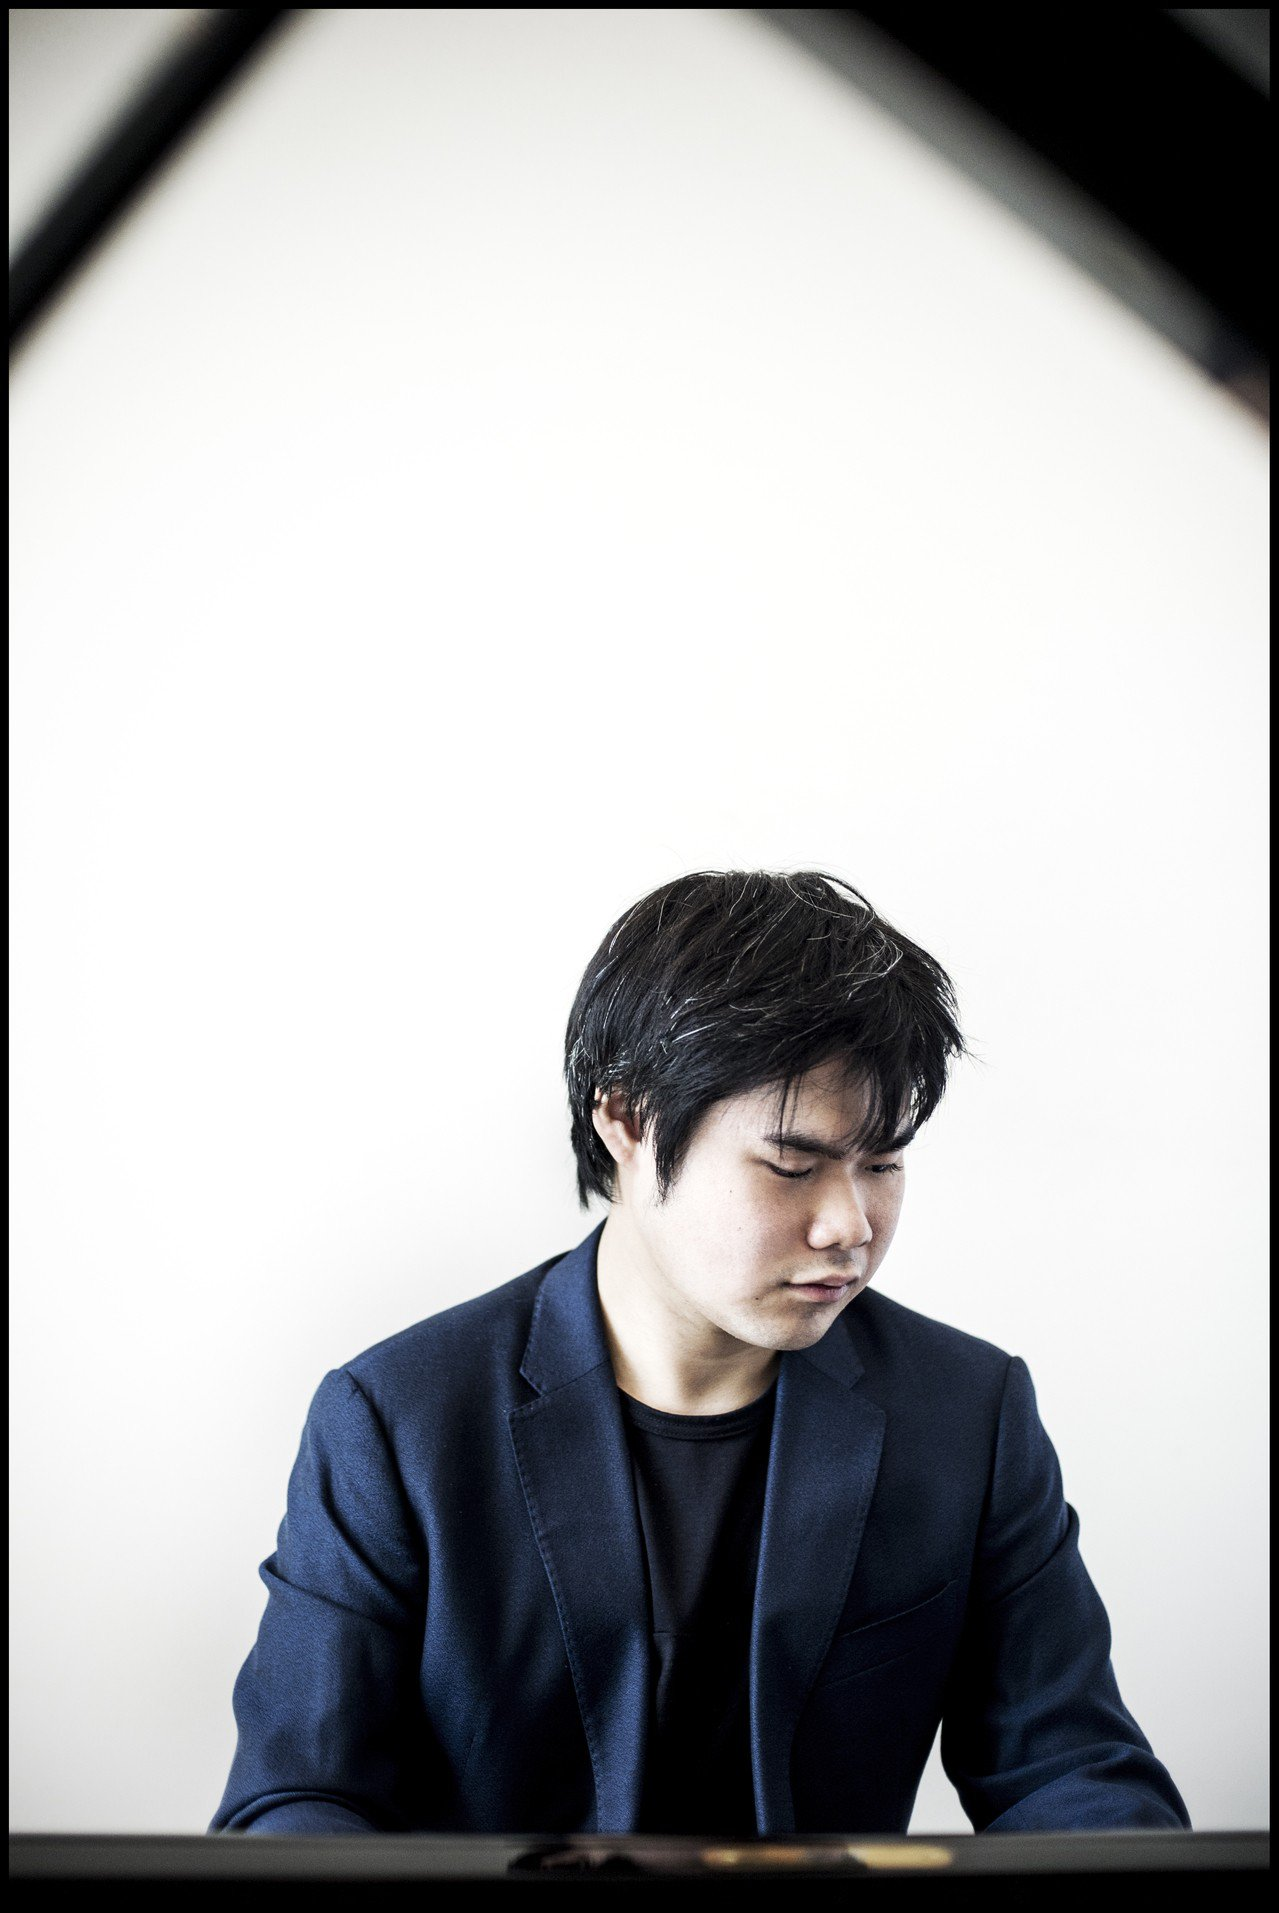 日本天才視障鋼琴家辻井伸行將來台演出。 圖/Giorgia Bertazzi提供